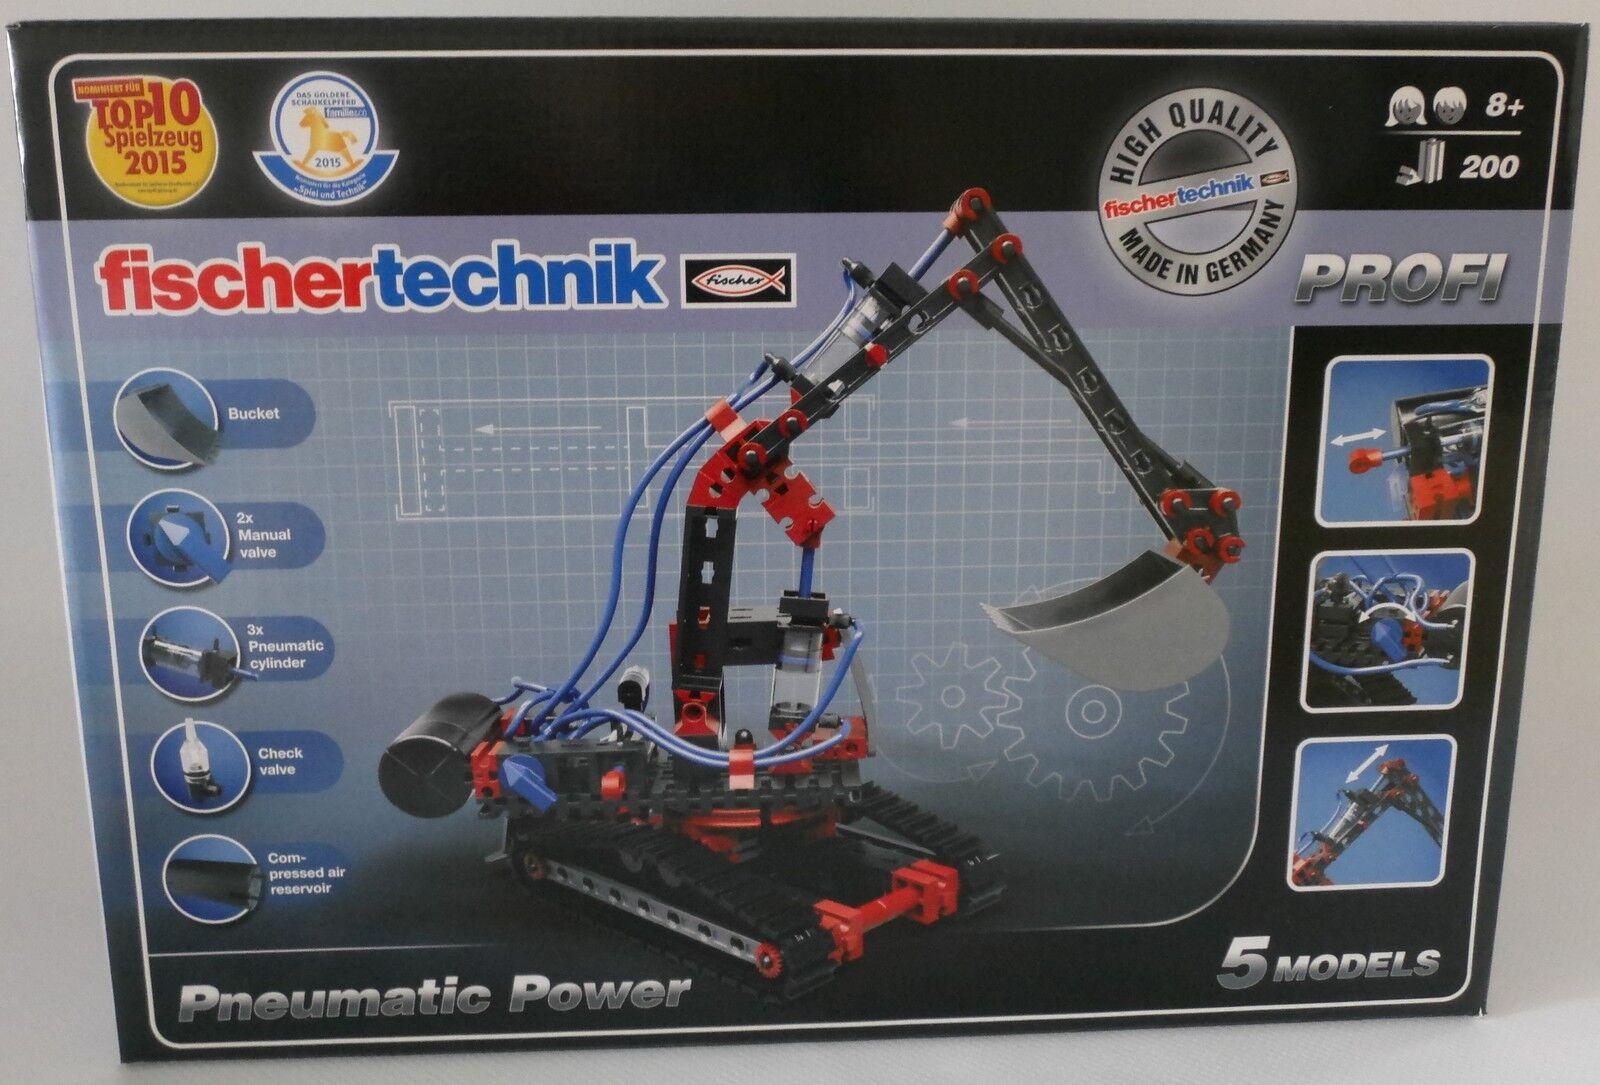 NEU fischertechnik 533874 533874 533874 PROFI Pneumatic Power OVP 5ddbe3